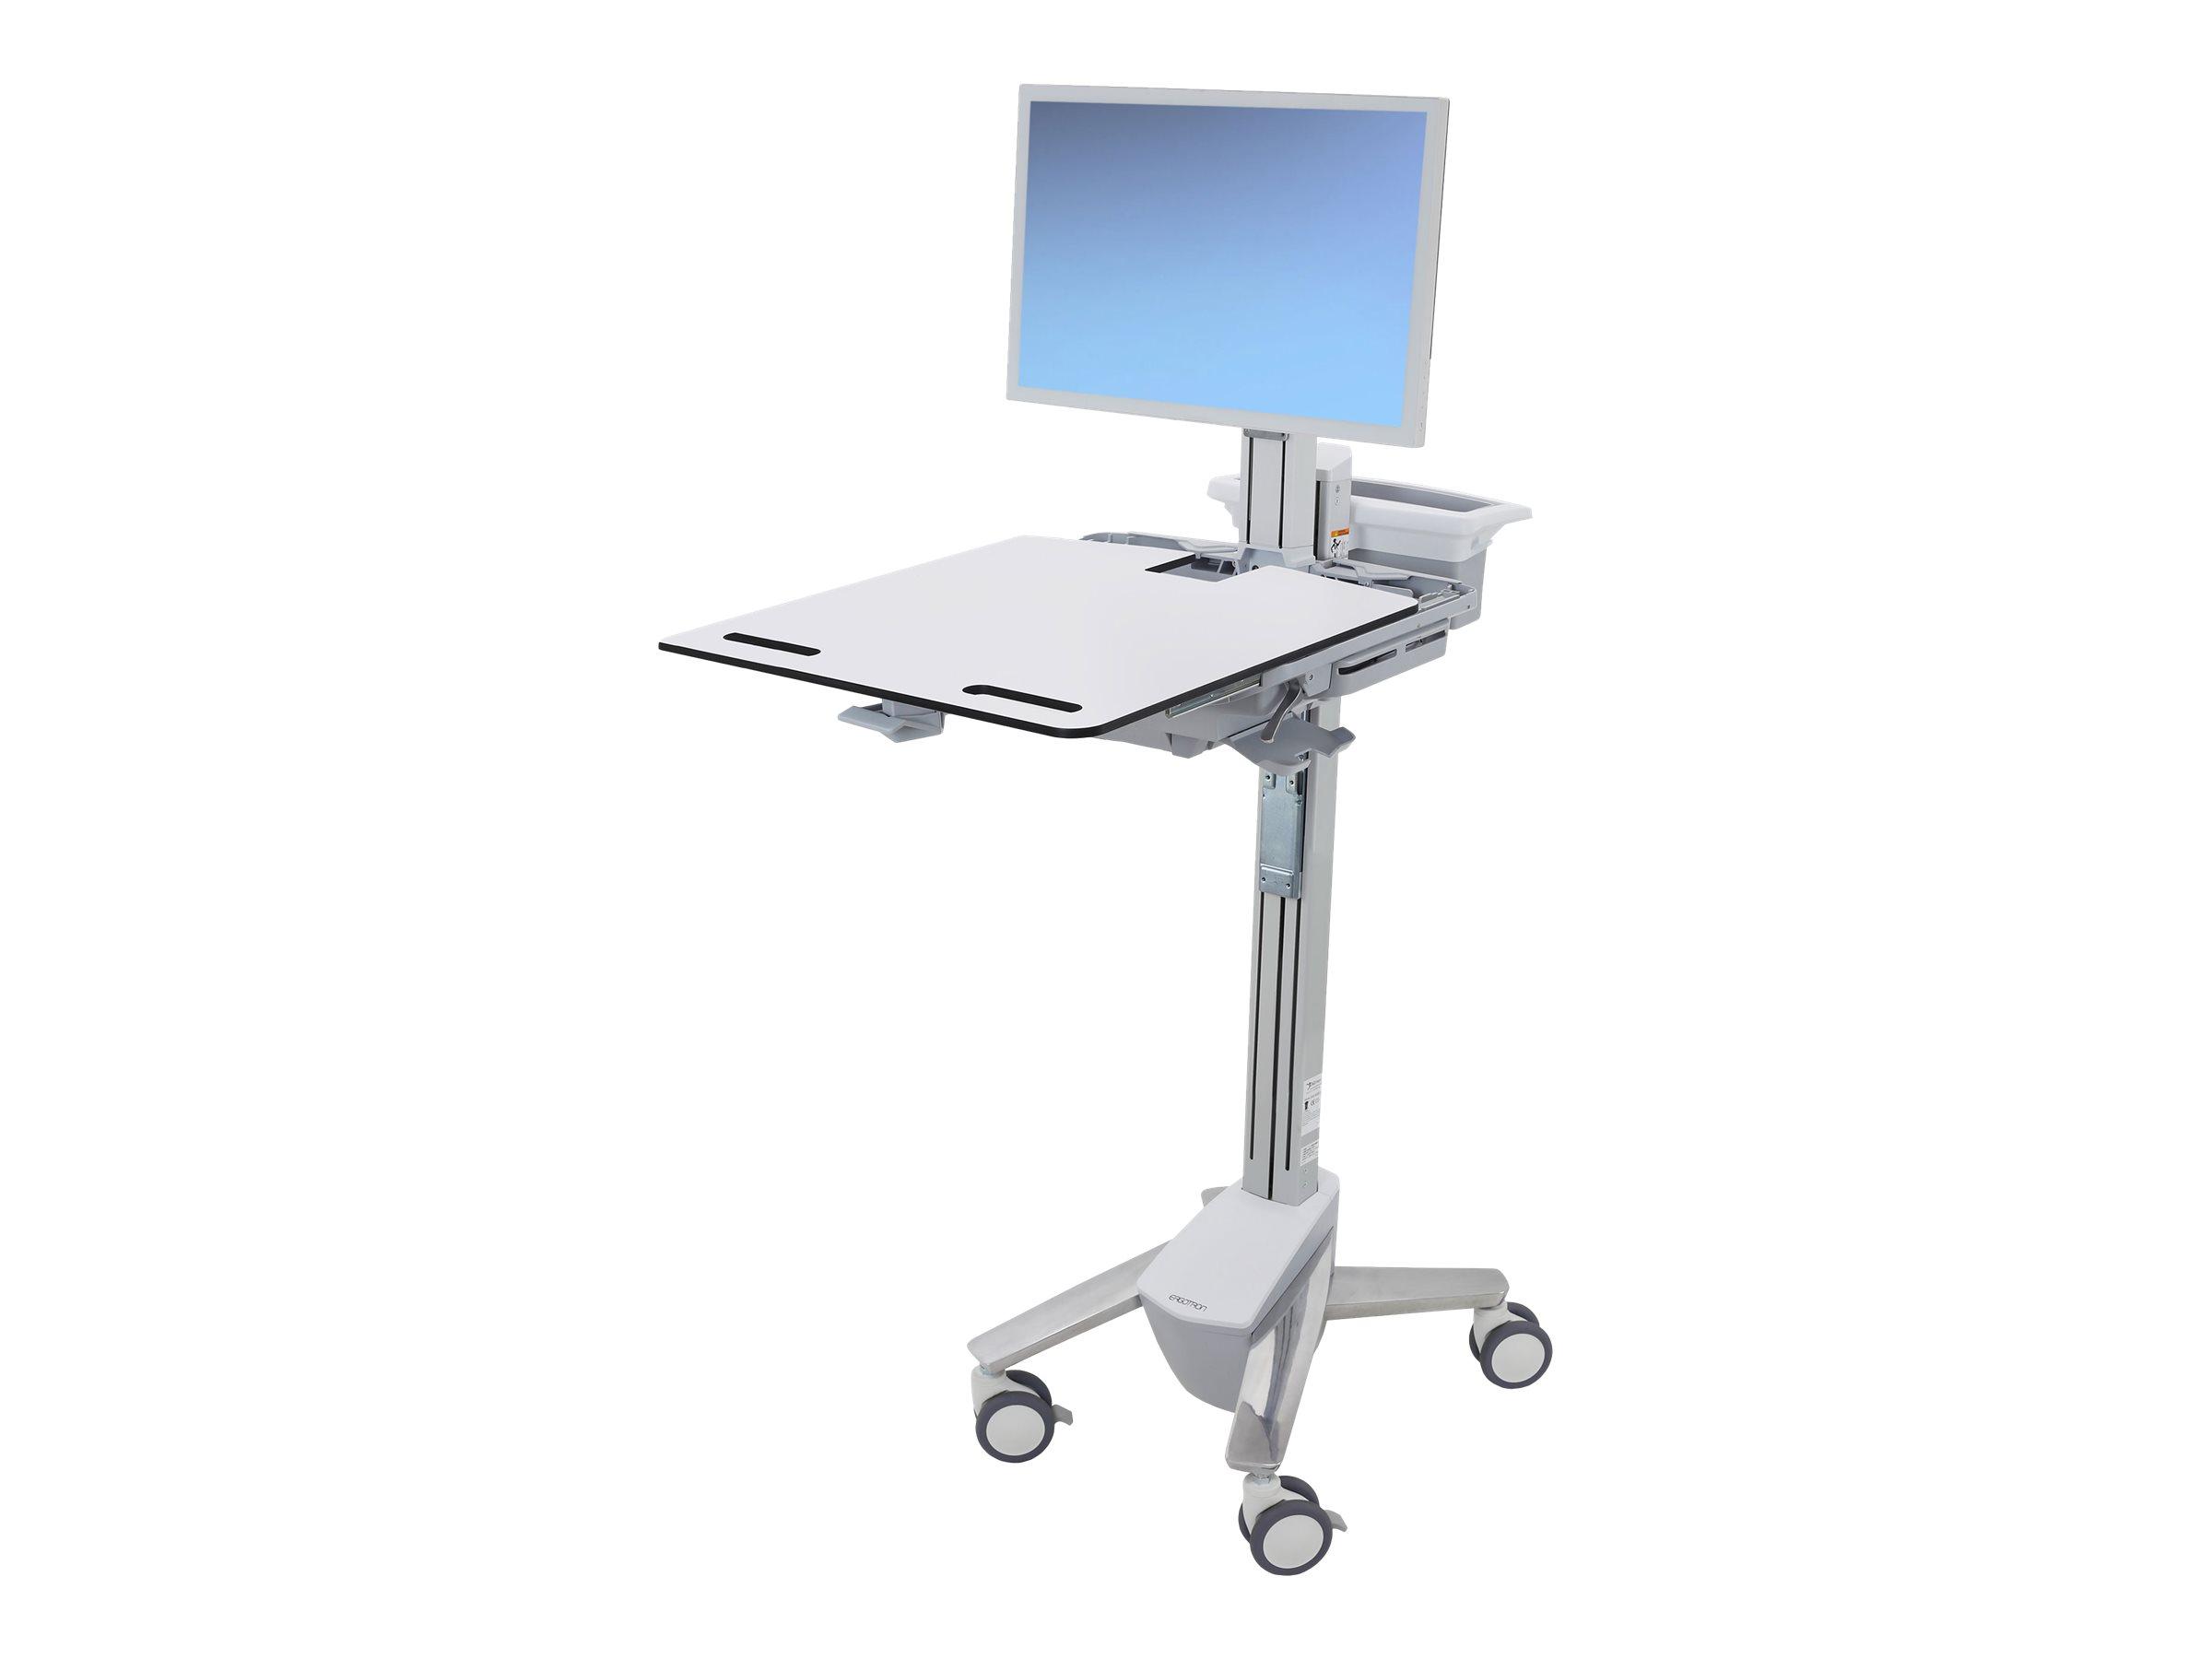 Ergotron Cart - Sliding Worksurface - Wagen für LCD-Bildschirm/Tastatur/Maus - medizinisch - Aluminium, verzinker Stahl, hochwer